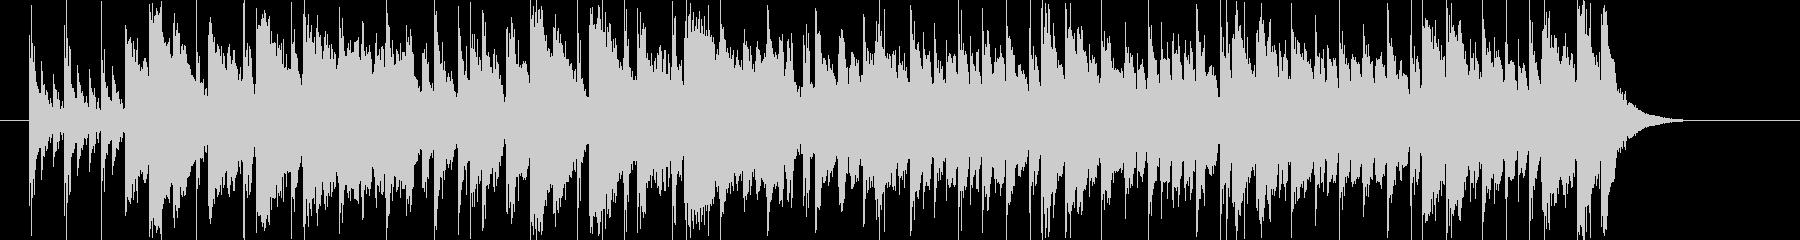 ストリングスによる明るいマーチの未再生の波形